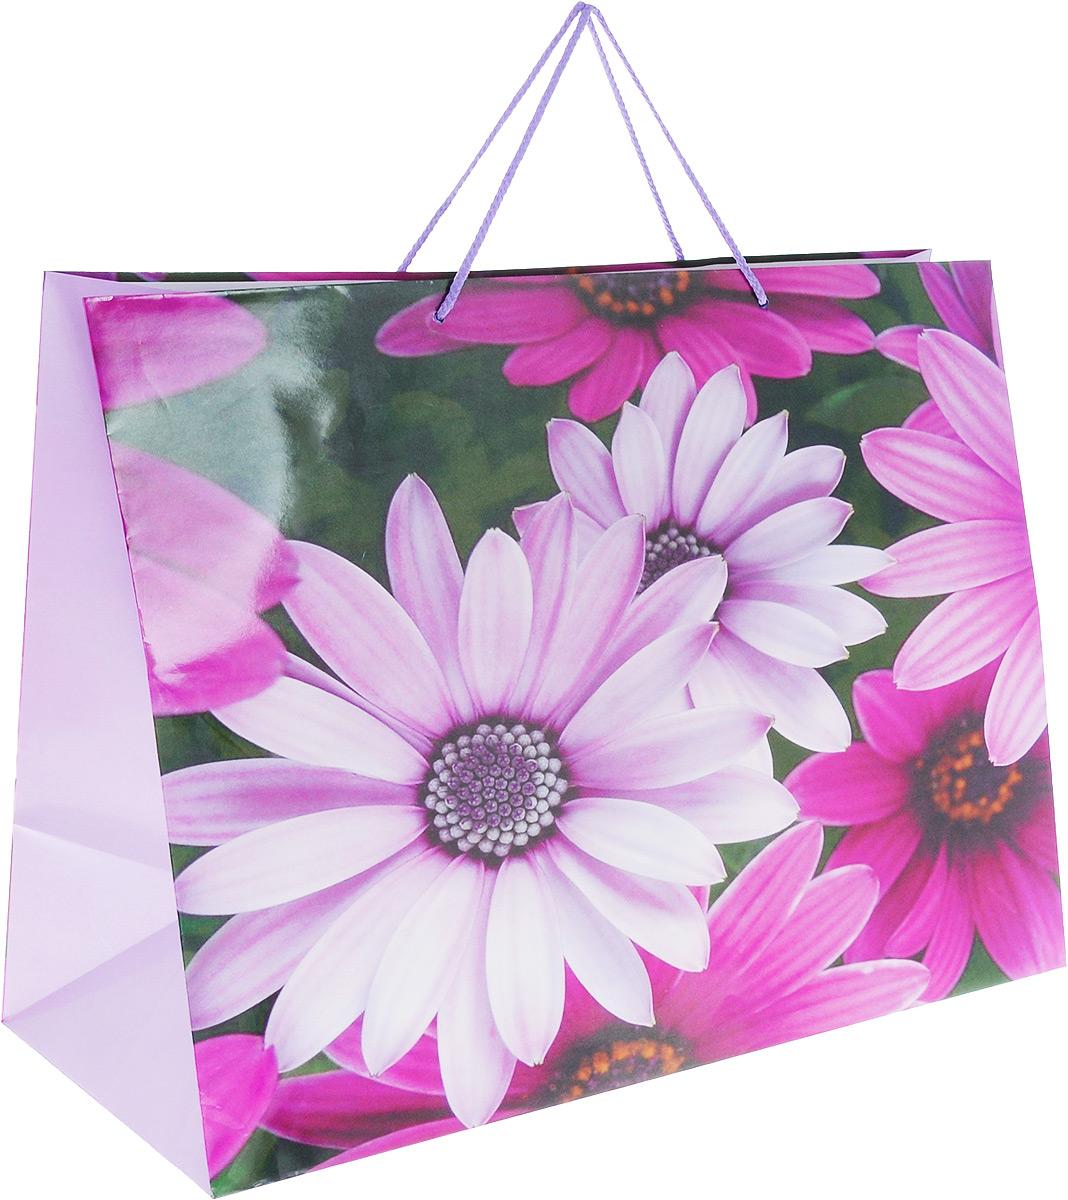 Пакет подарочный МегаМАГ Цветы, 56 х 41 х 24 см. 903/904 XXLH903/904 XXLH_сиреневый,зелёныйПодарочный пакет МегаМАГ Цветы, изготовленный из плотной ламинированной бумаги, станет незаменимым дополнением к выбранному подарку. Для удобной переноски на пакете имеются ручки-шнурки.Подарок, преподнесенный в оригинальной упаковке, всегда будет самым эффектным и запоминающимся. Окружите близких людей вниманием и заботой, вручив презент в нарядном, праздничном оформлении.